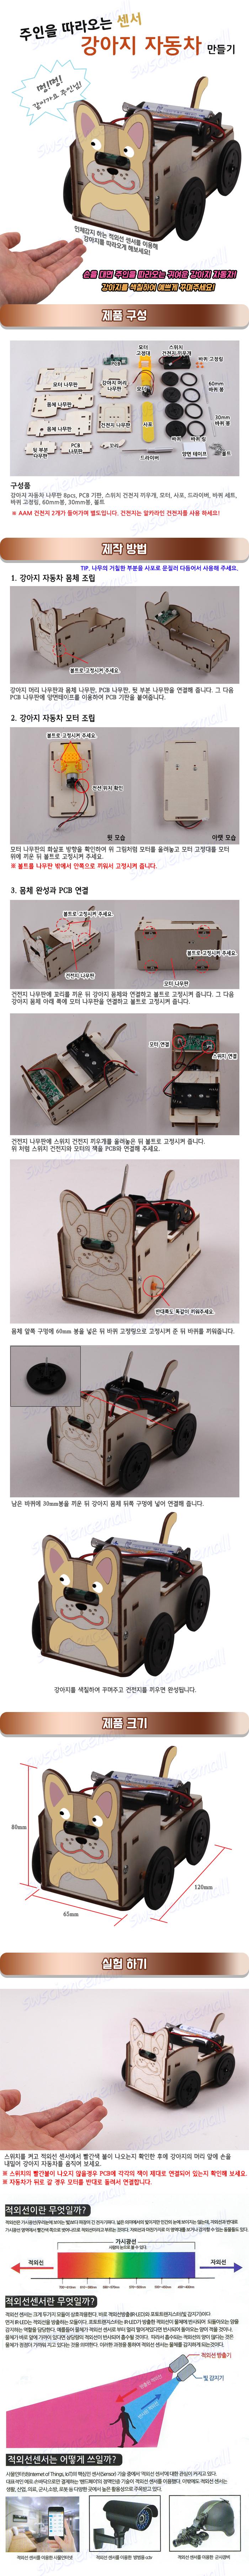 인체감지 적외선센서 강아지자동차 만들기_수정.jpg